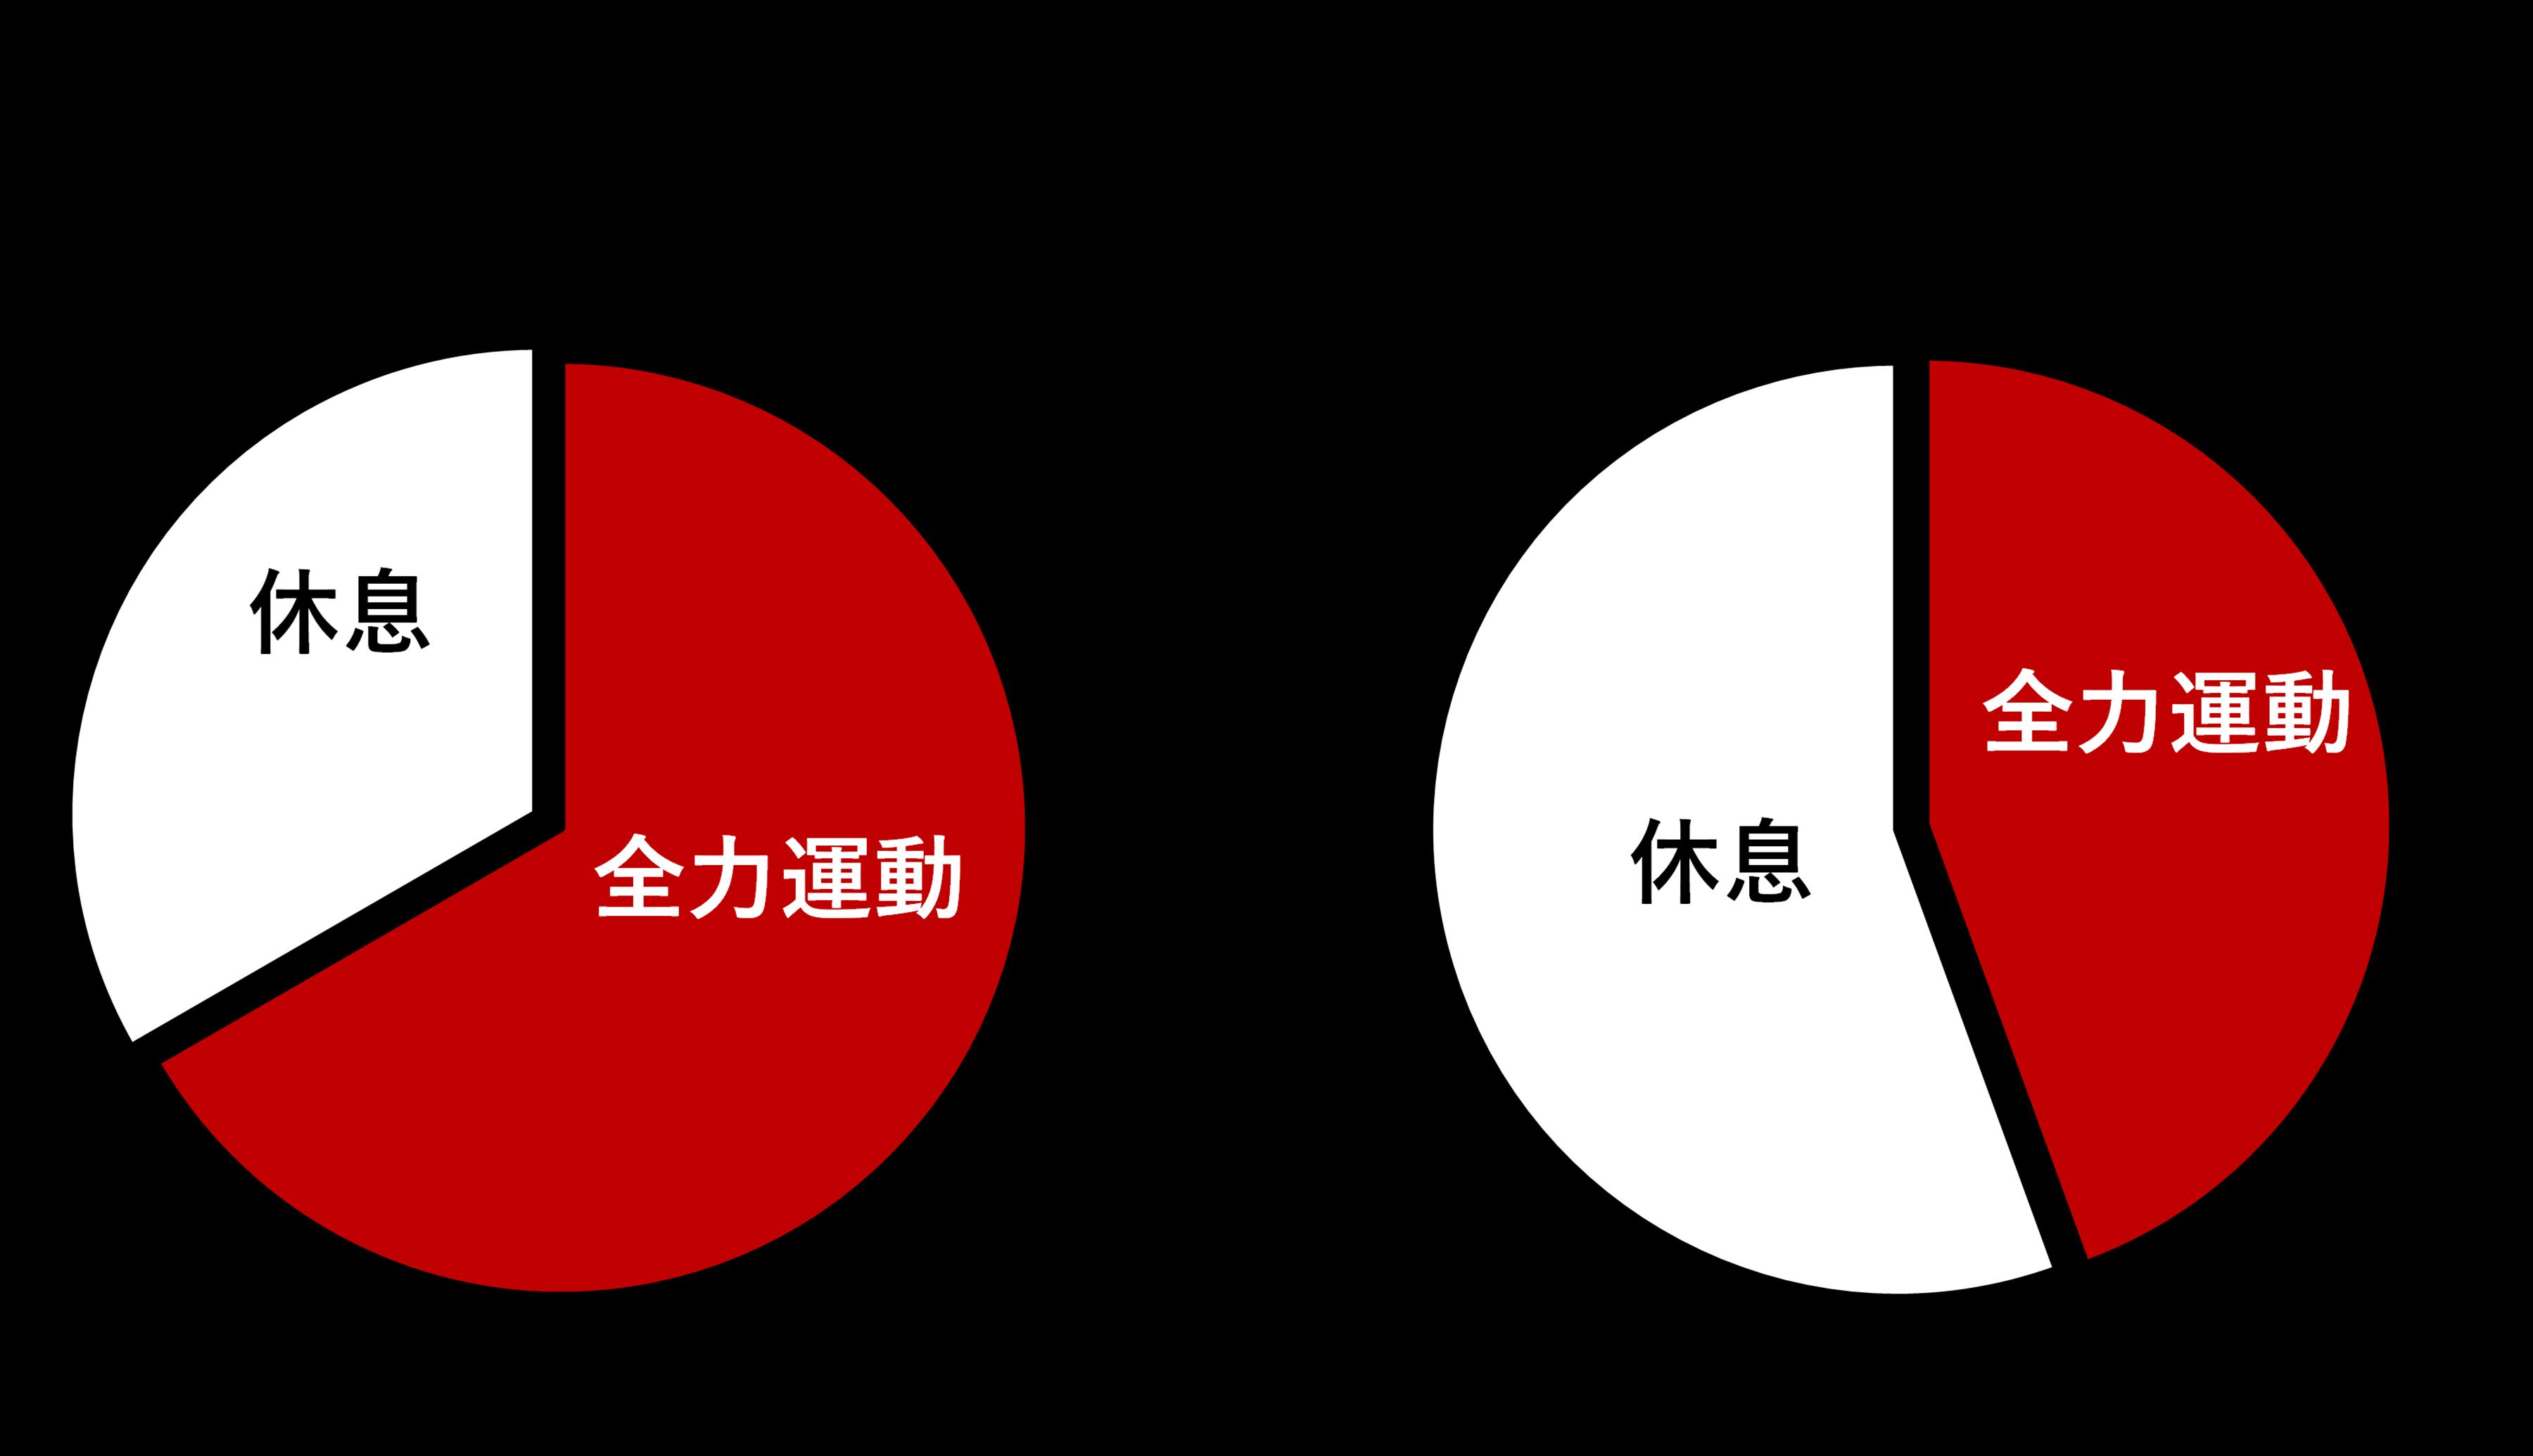 図2. オリジナルTABATAトレーニングと一般向けアレンジ